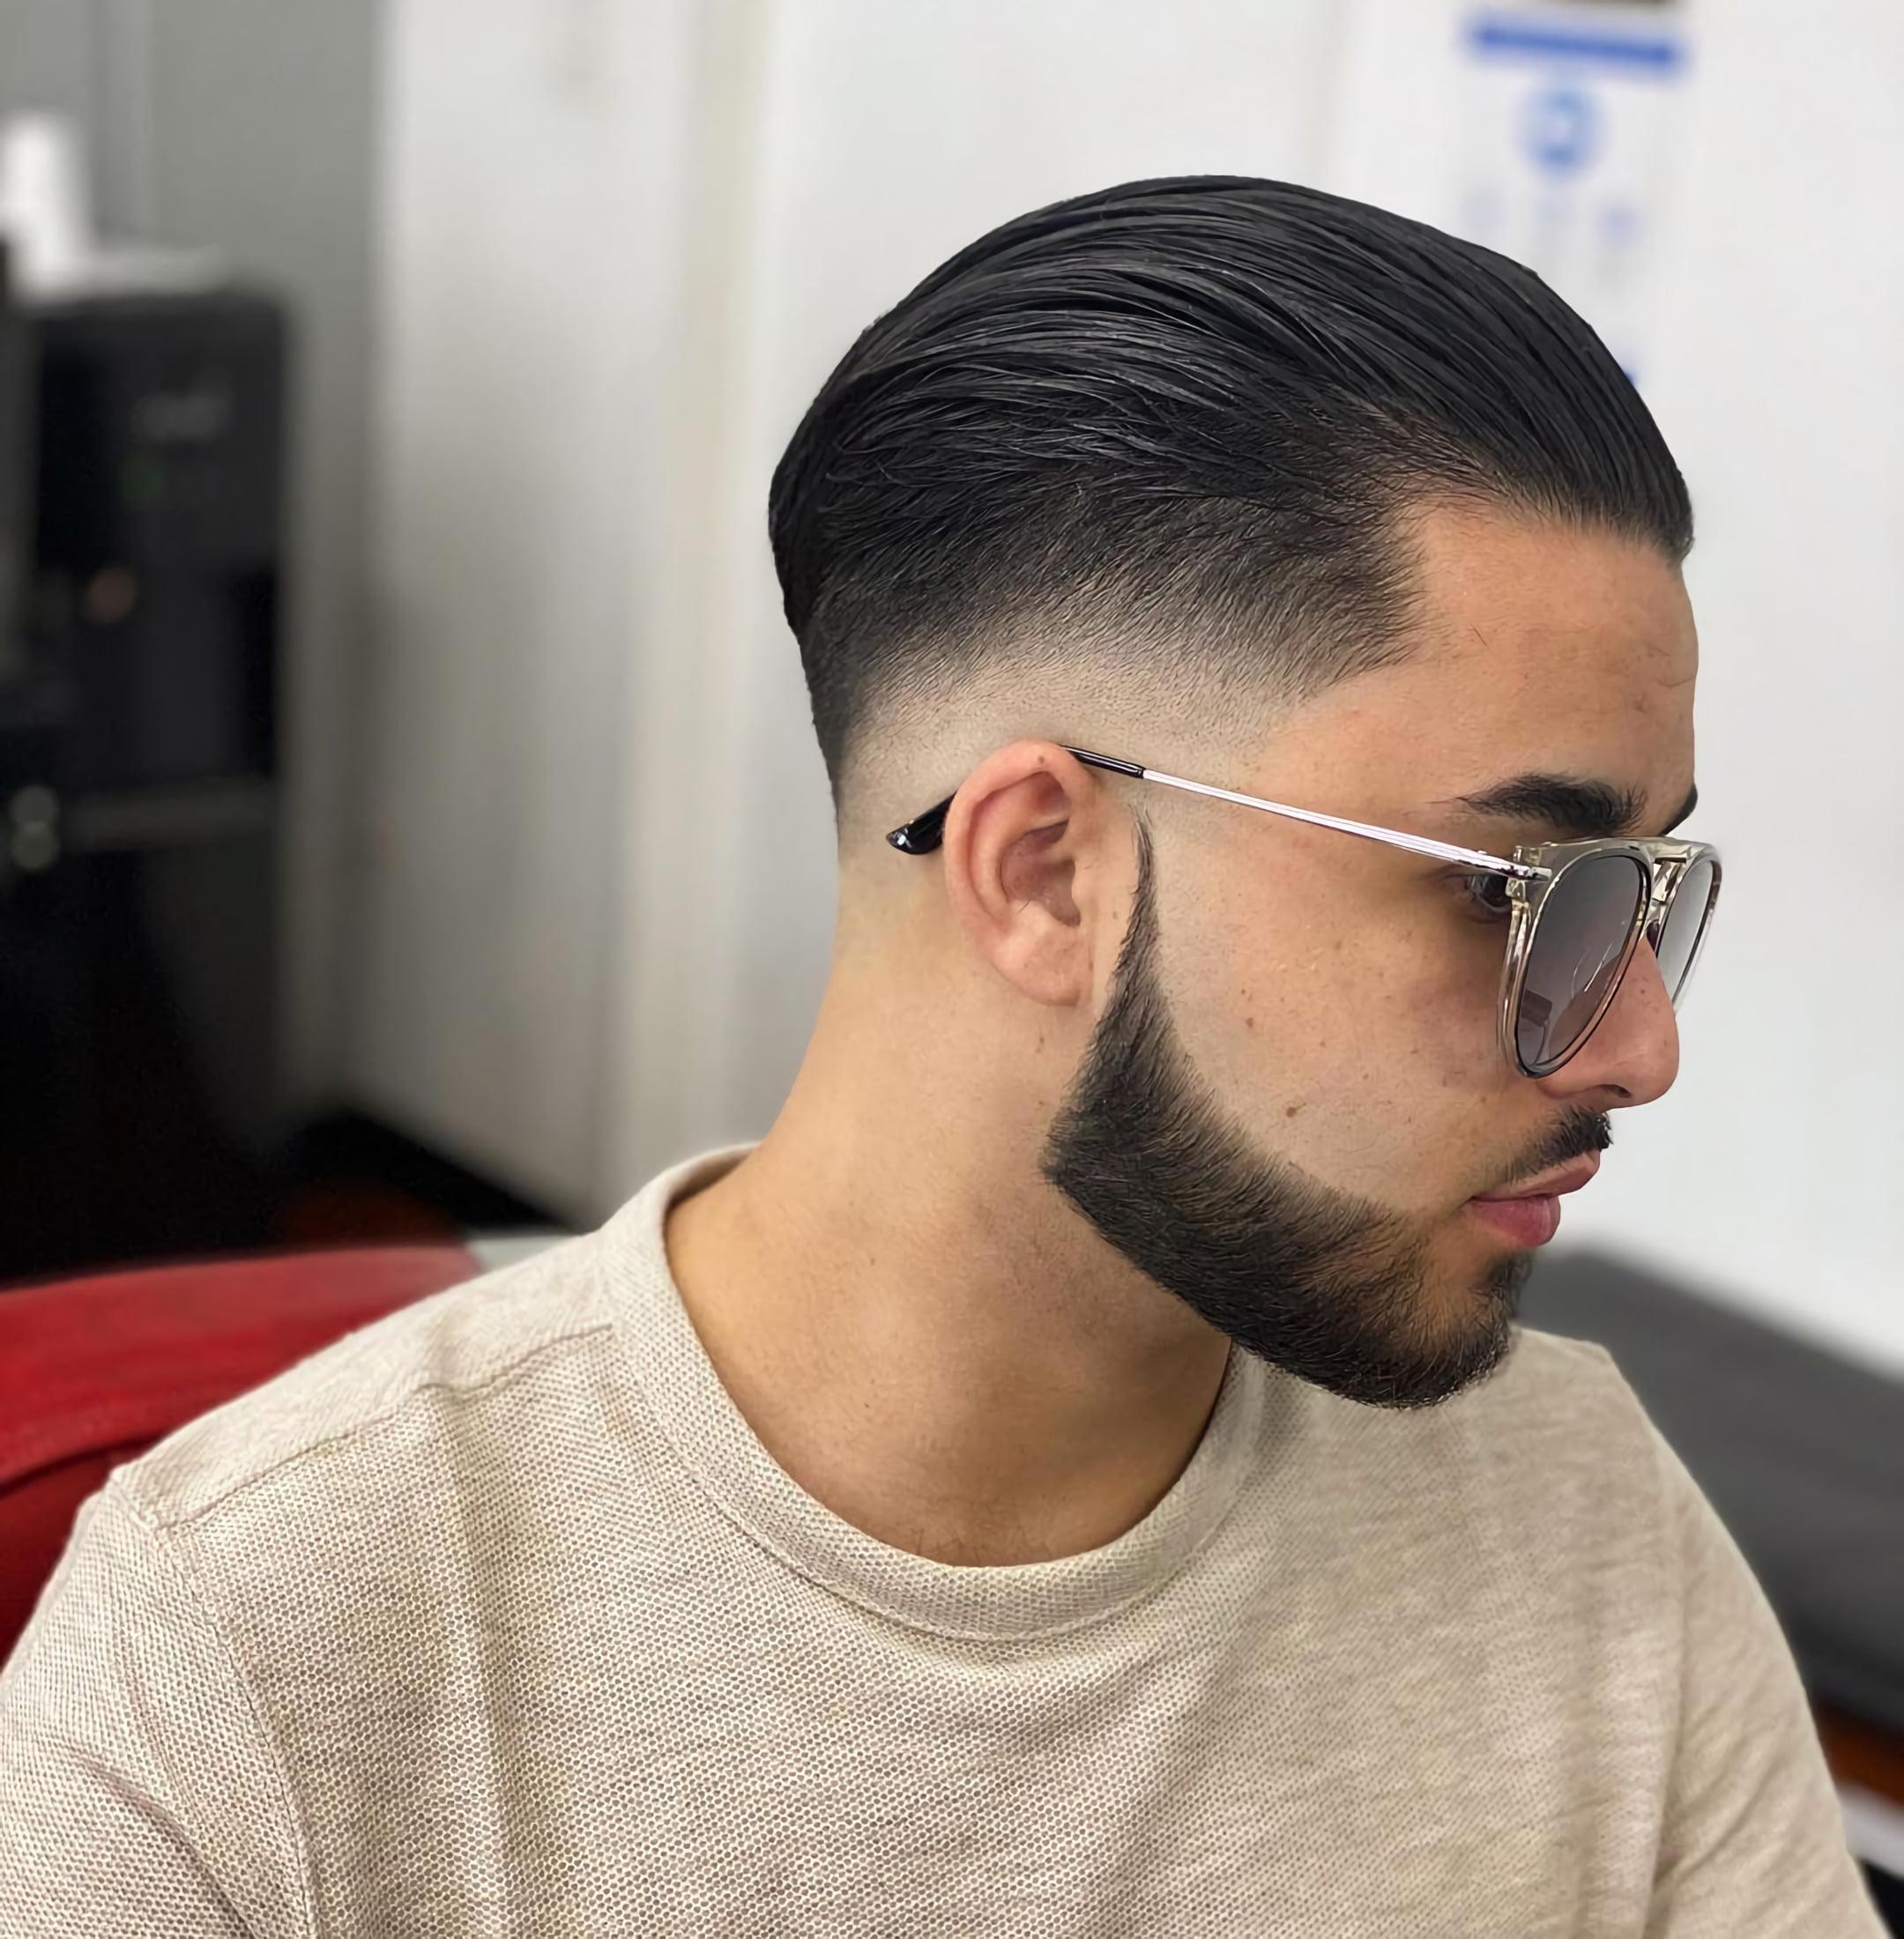 Гладко причесанные волосы назад